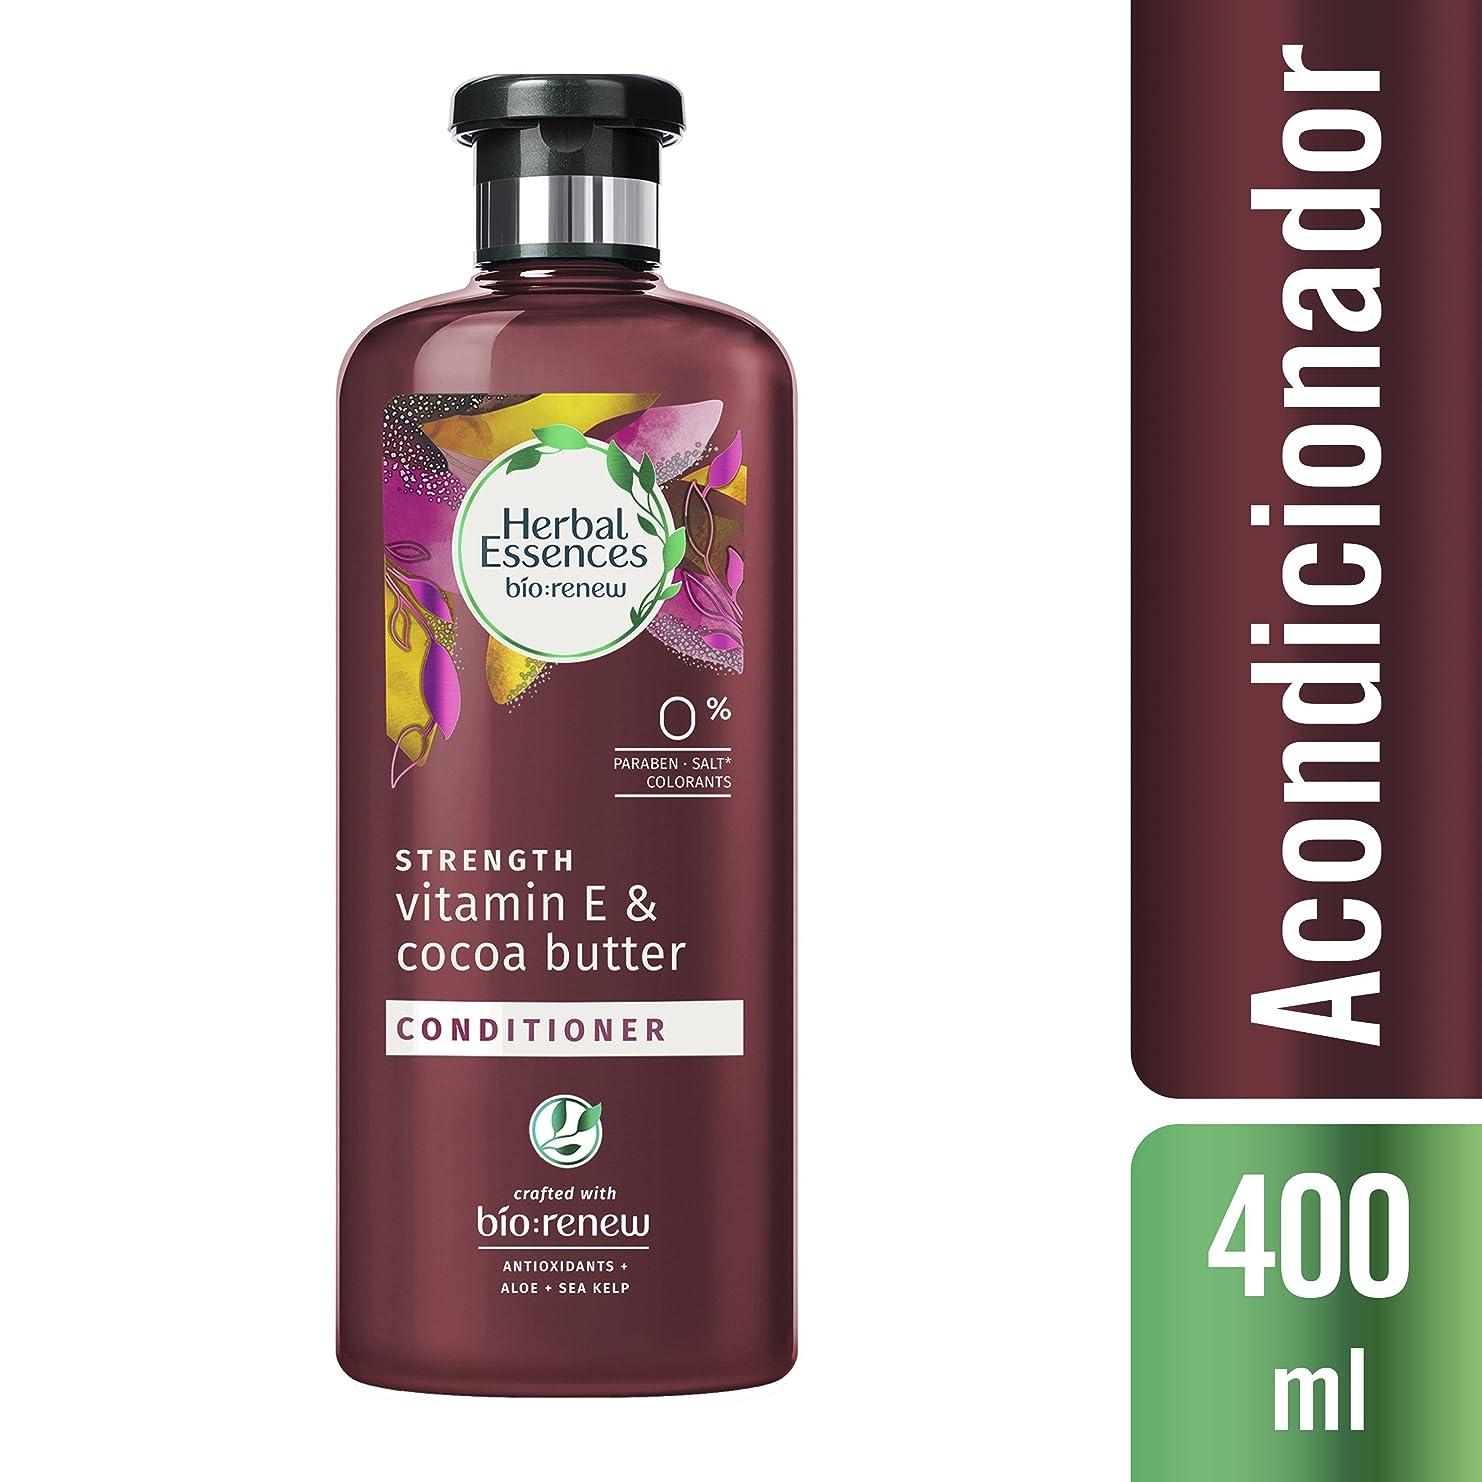 混合深めるシャープハーバルエッセンス ビオリニュー 髪を補強して美髪へ ビタミンE&ココアバター コンディショナー